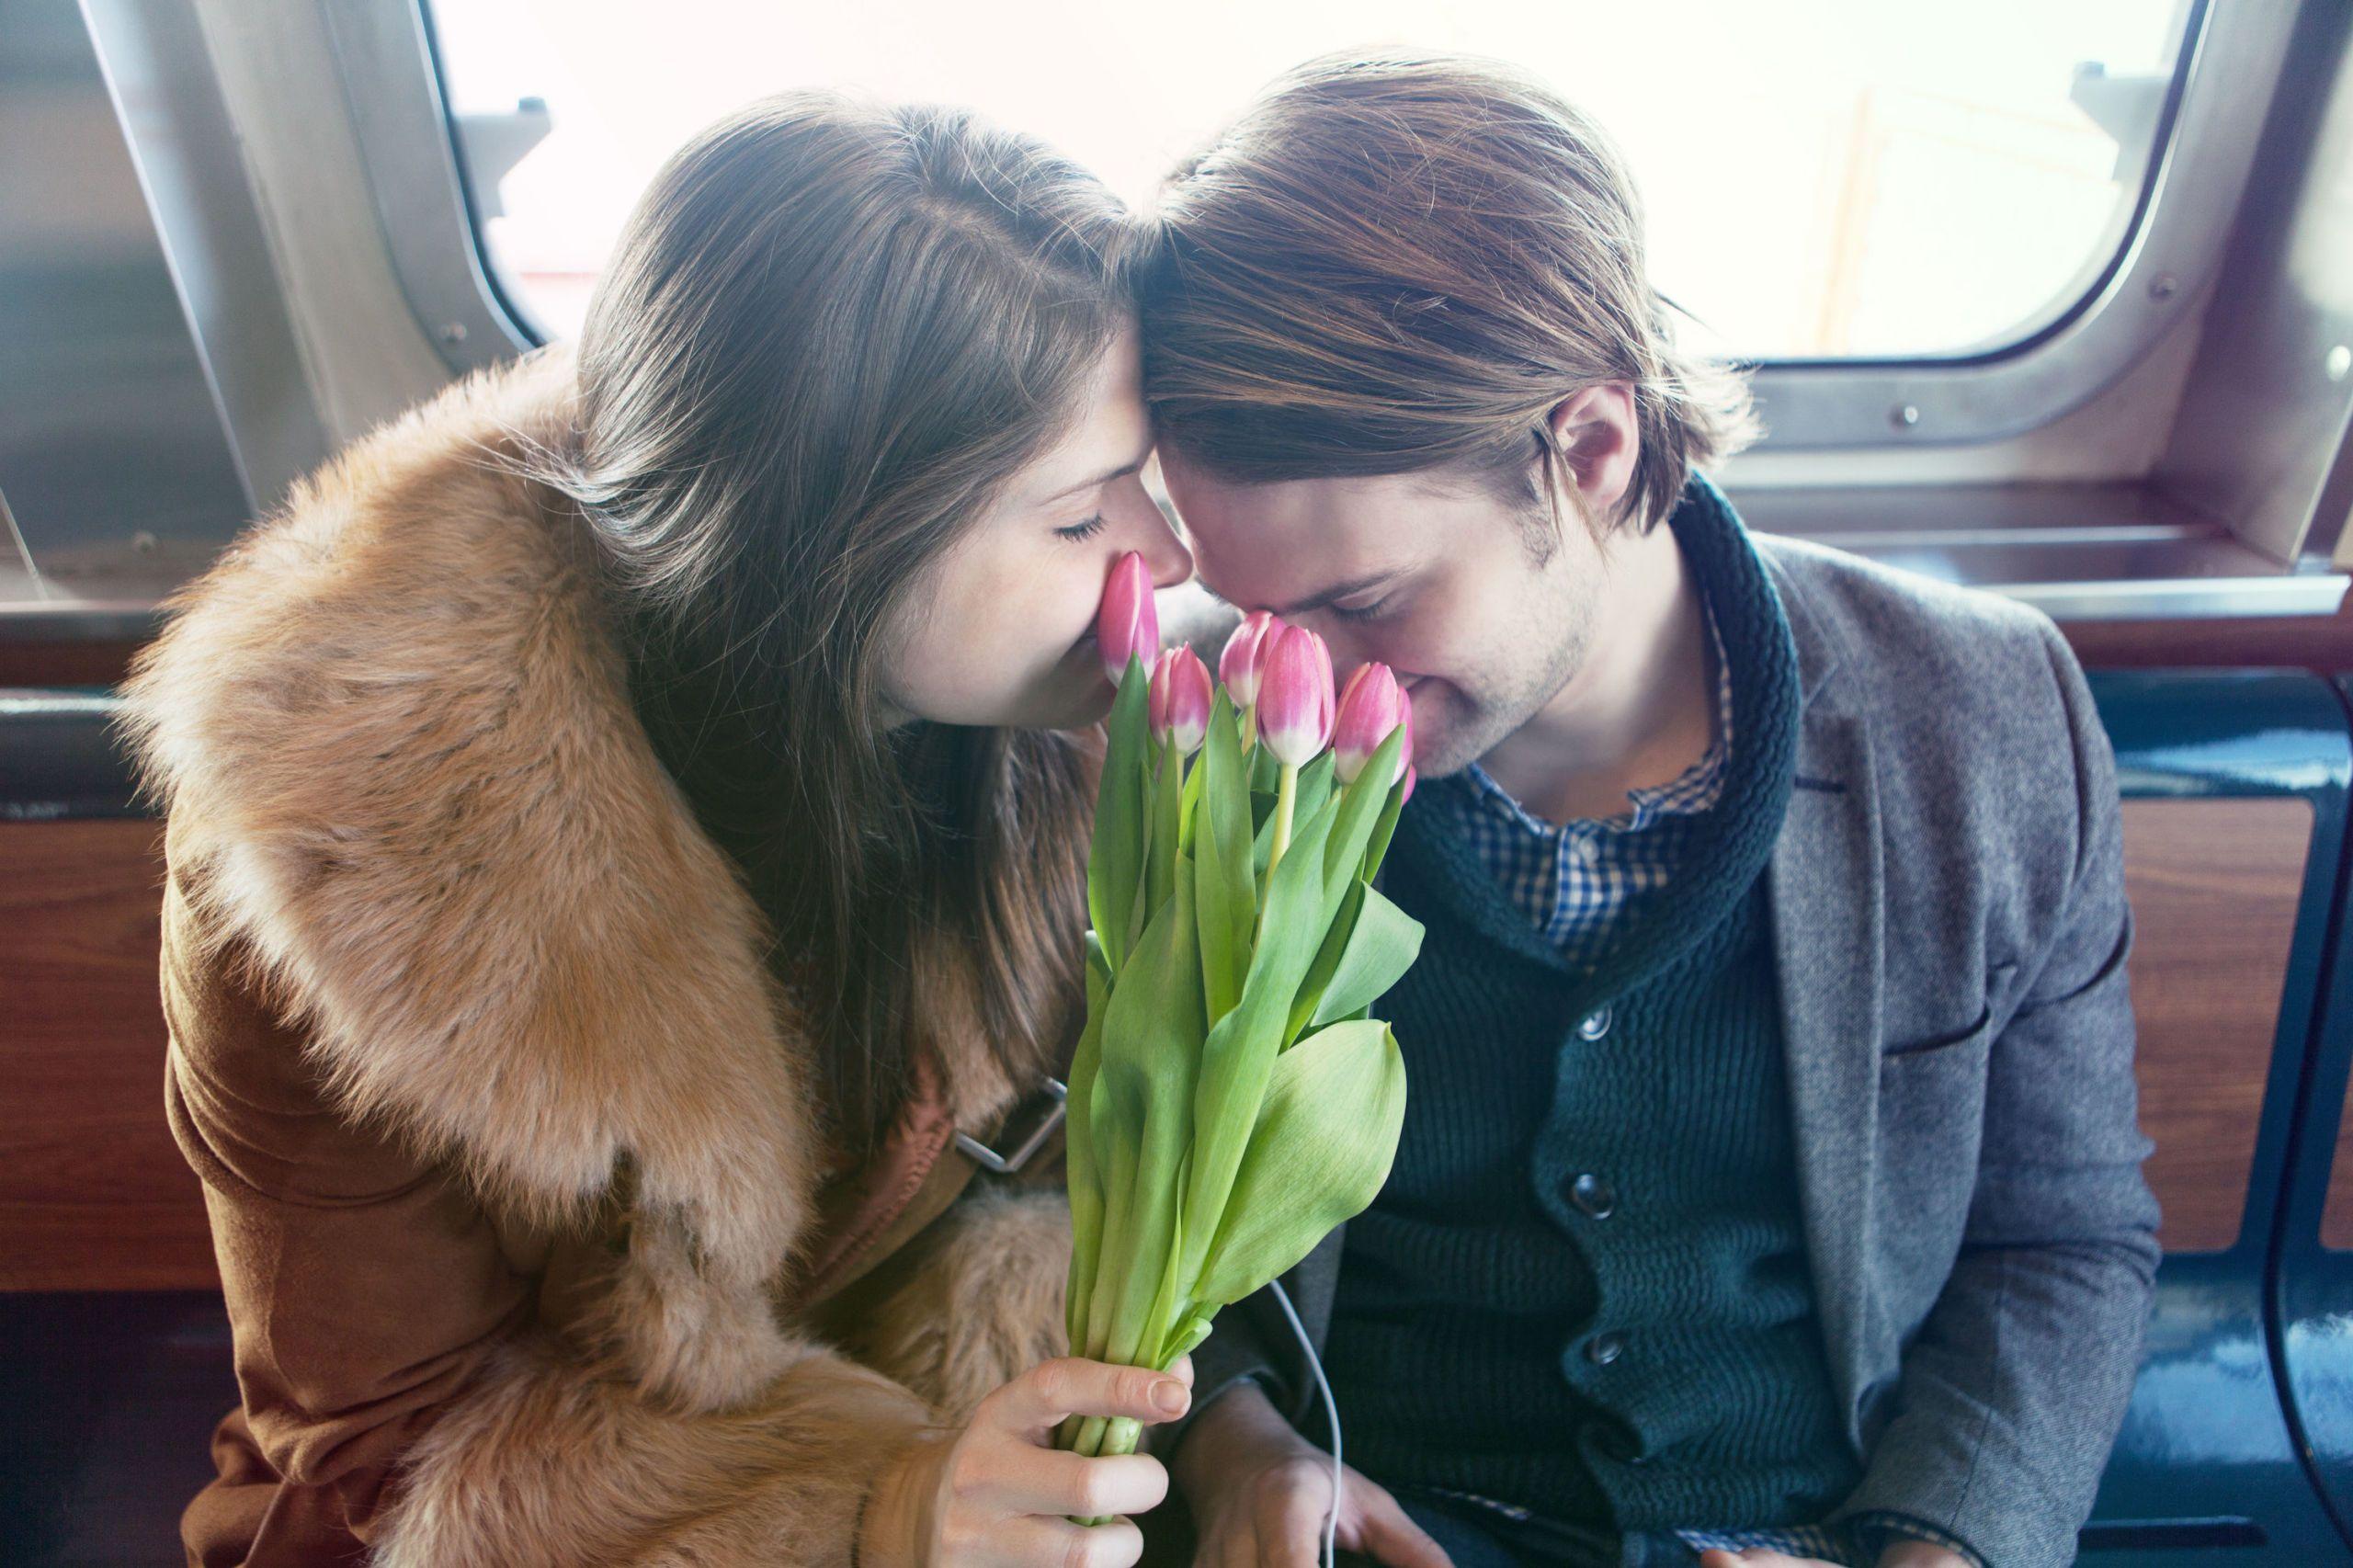 Preferenza 10 sorprese romantiche e un po' folli per lui o per lei AW48